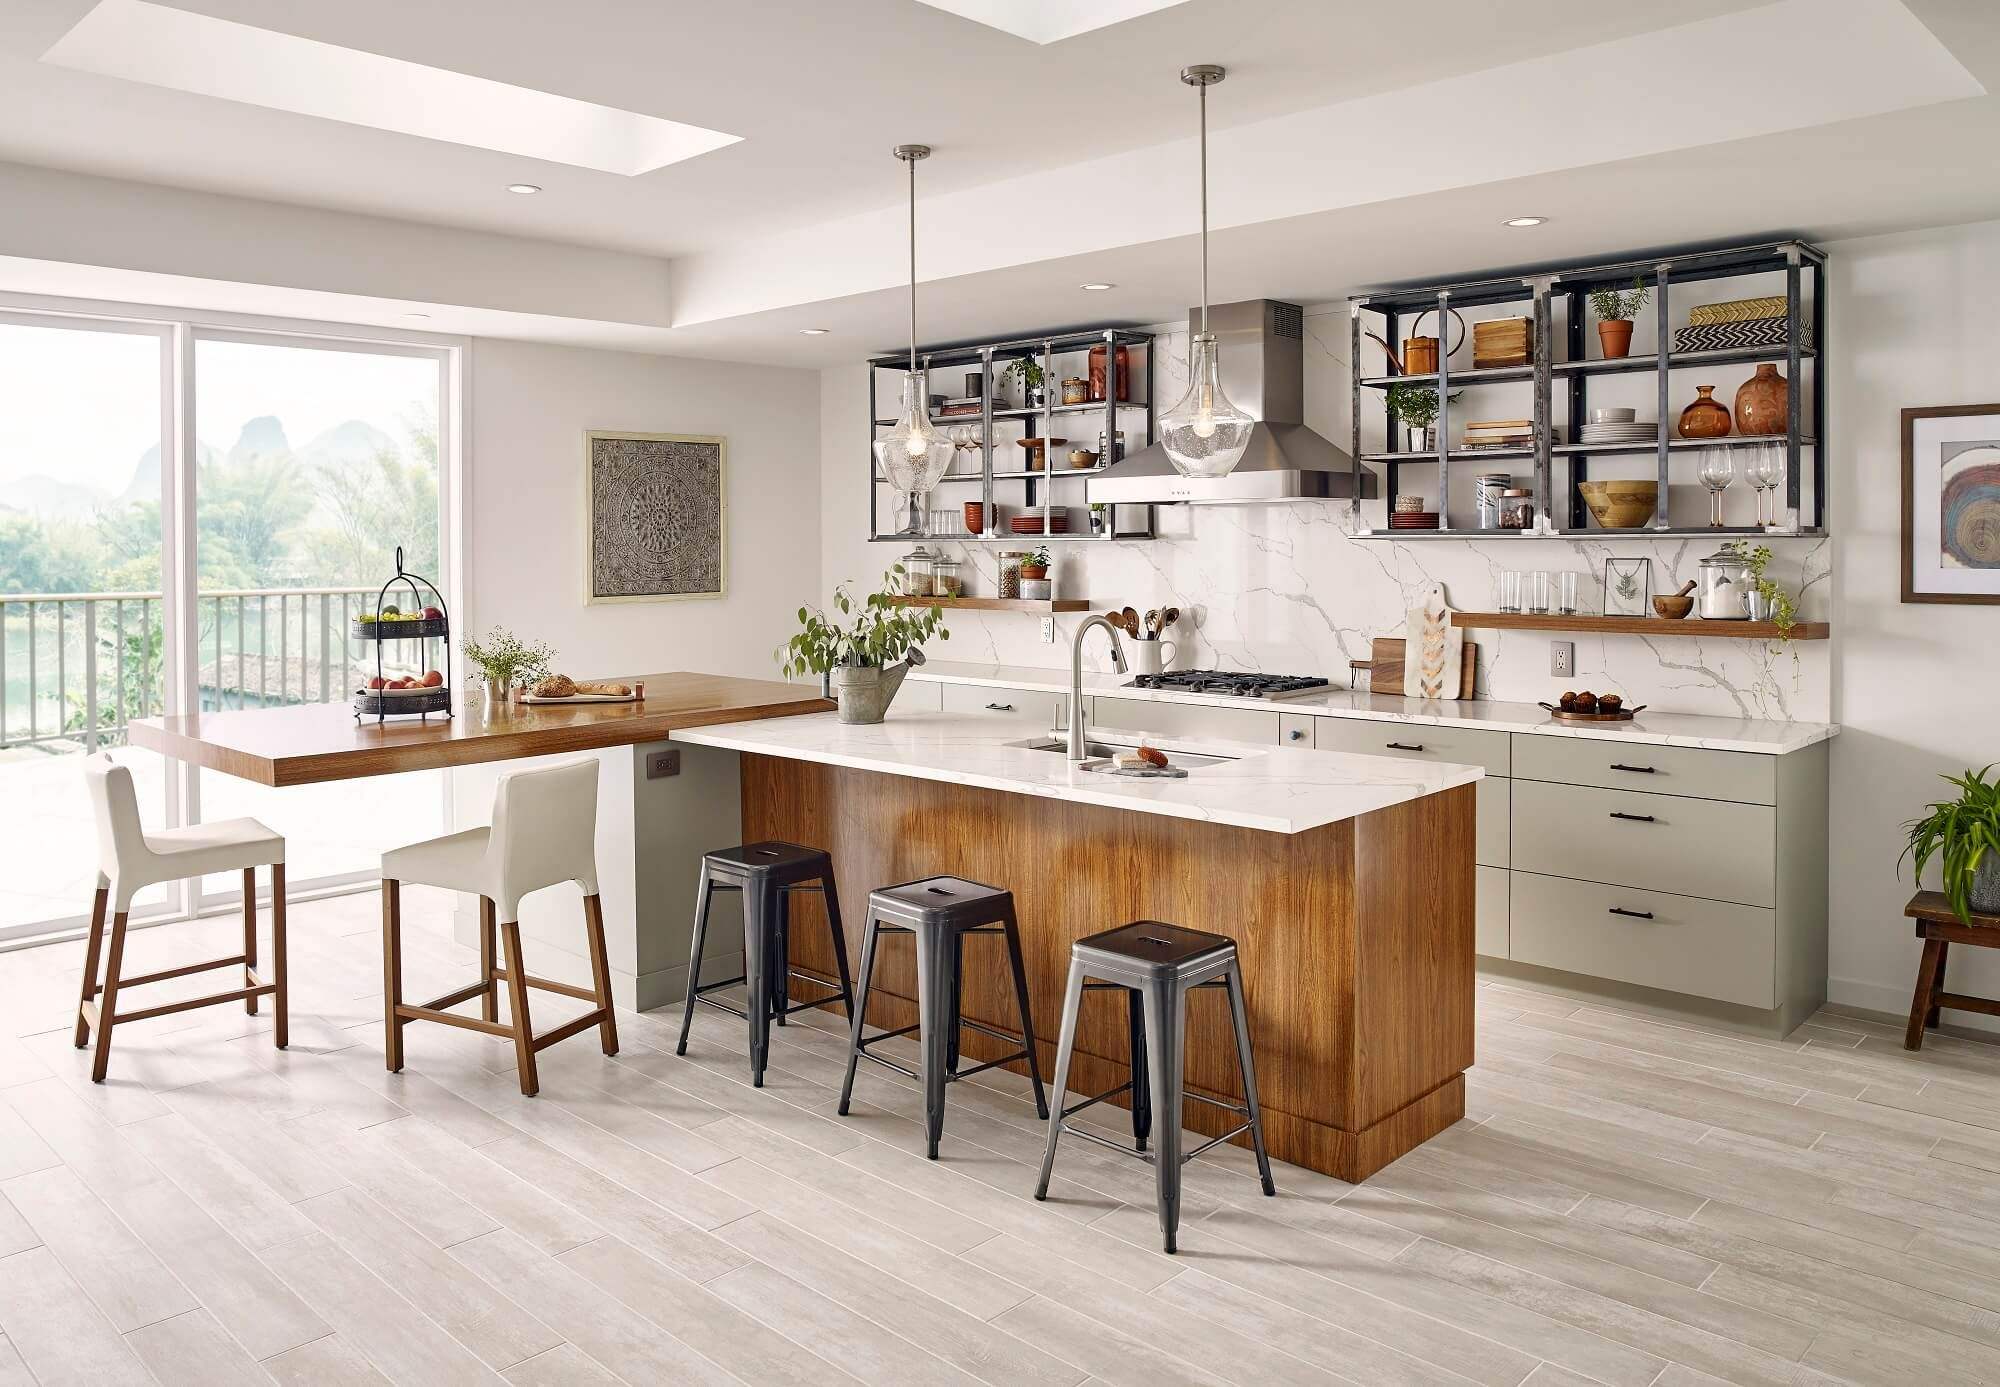 Best Calacatta Laza Kitchen Remodel Kitchen Countertops 400 x 300